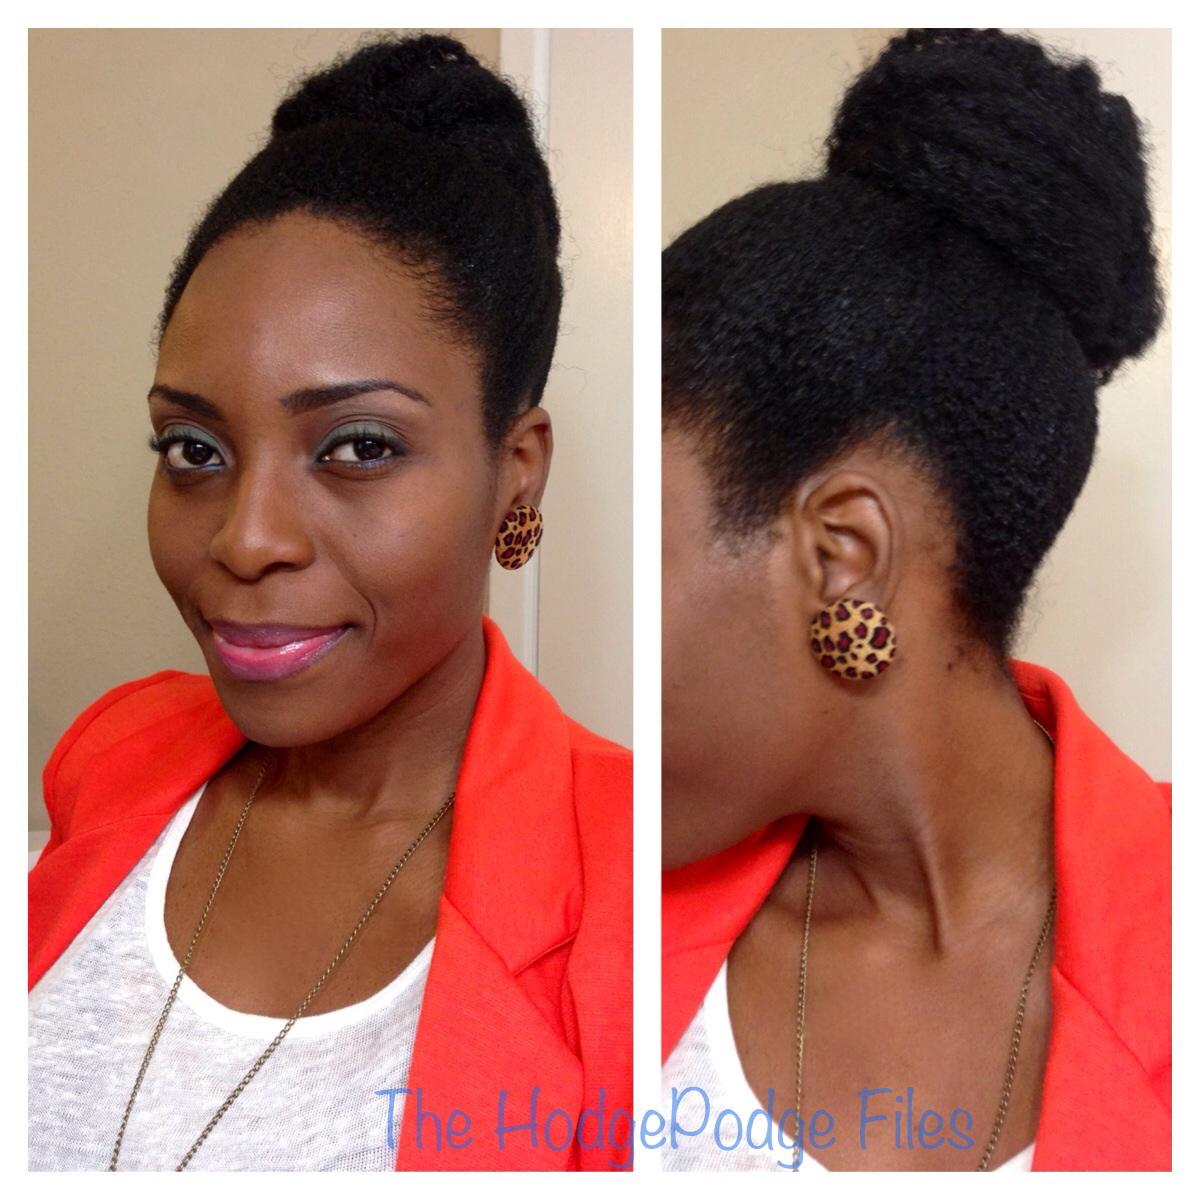 Marley Hair Sallys hairstylegalleries.com